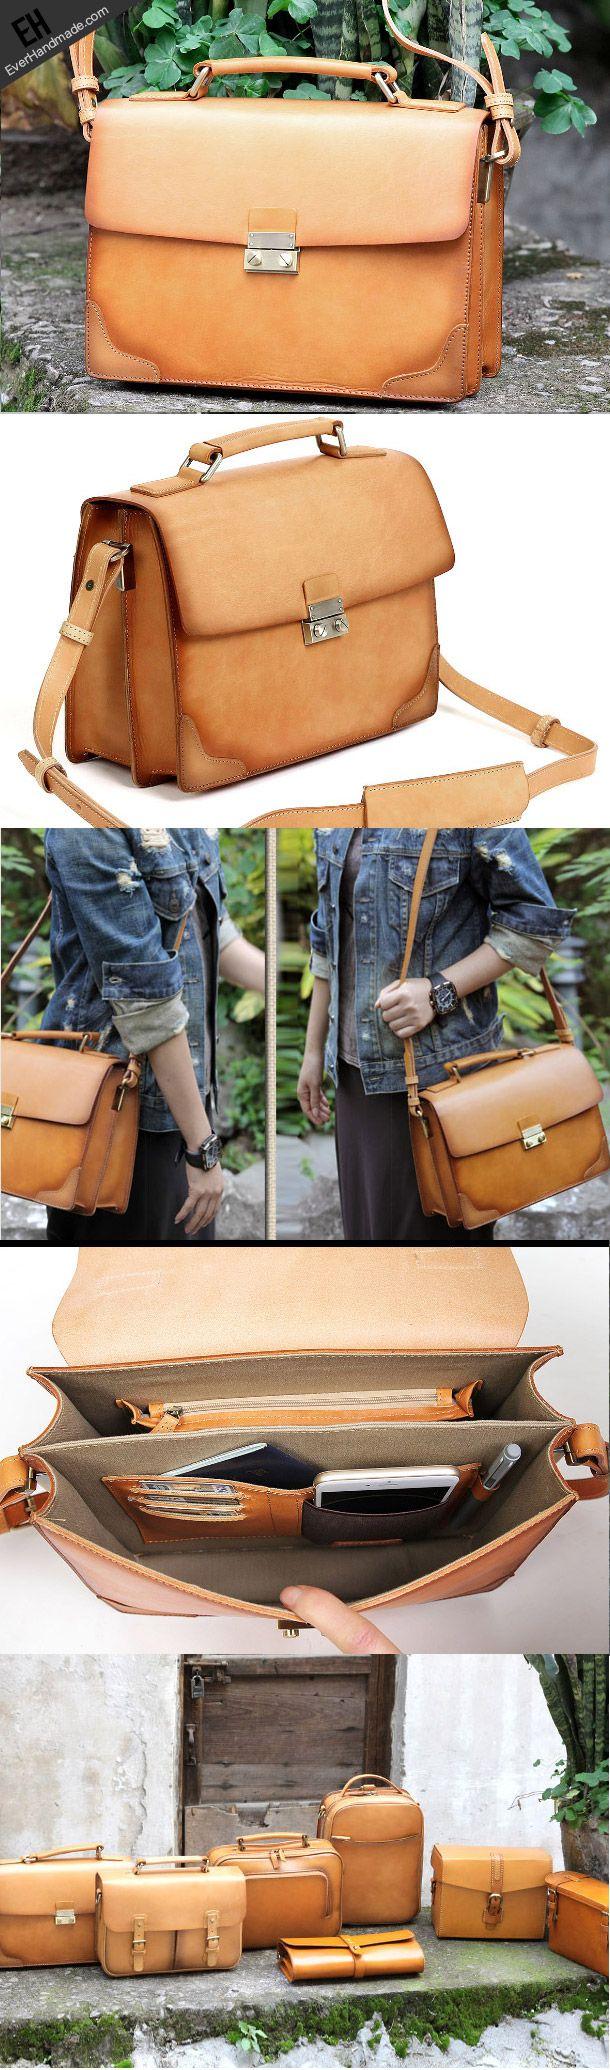 Handmade vintage satchel leather normal messenger bag beige shoulder bag for…